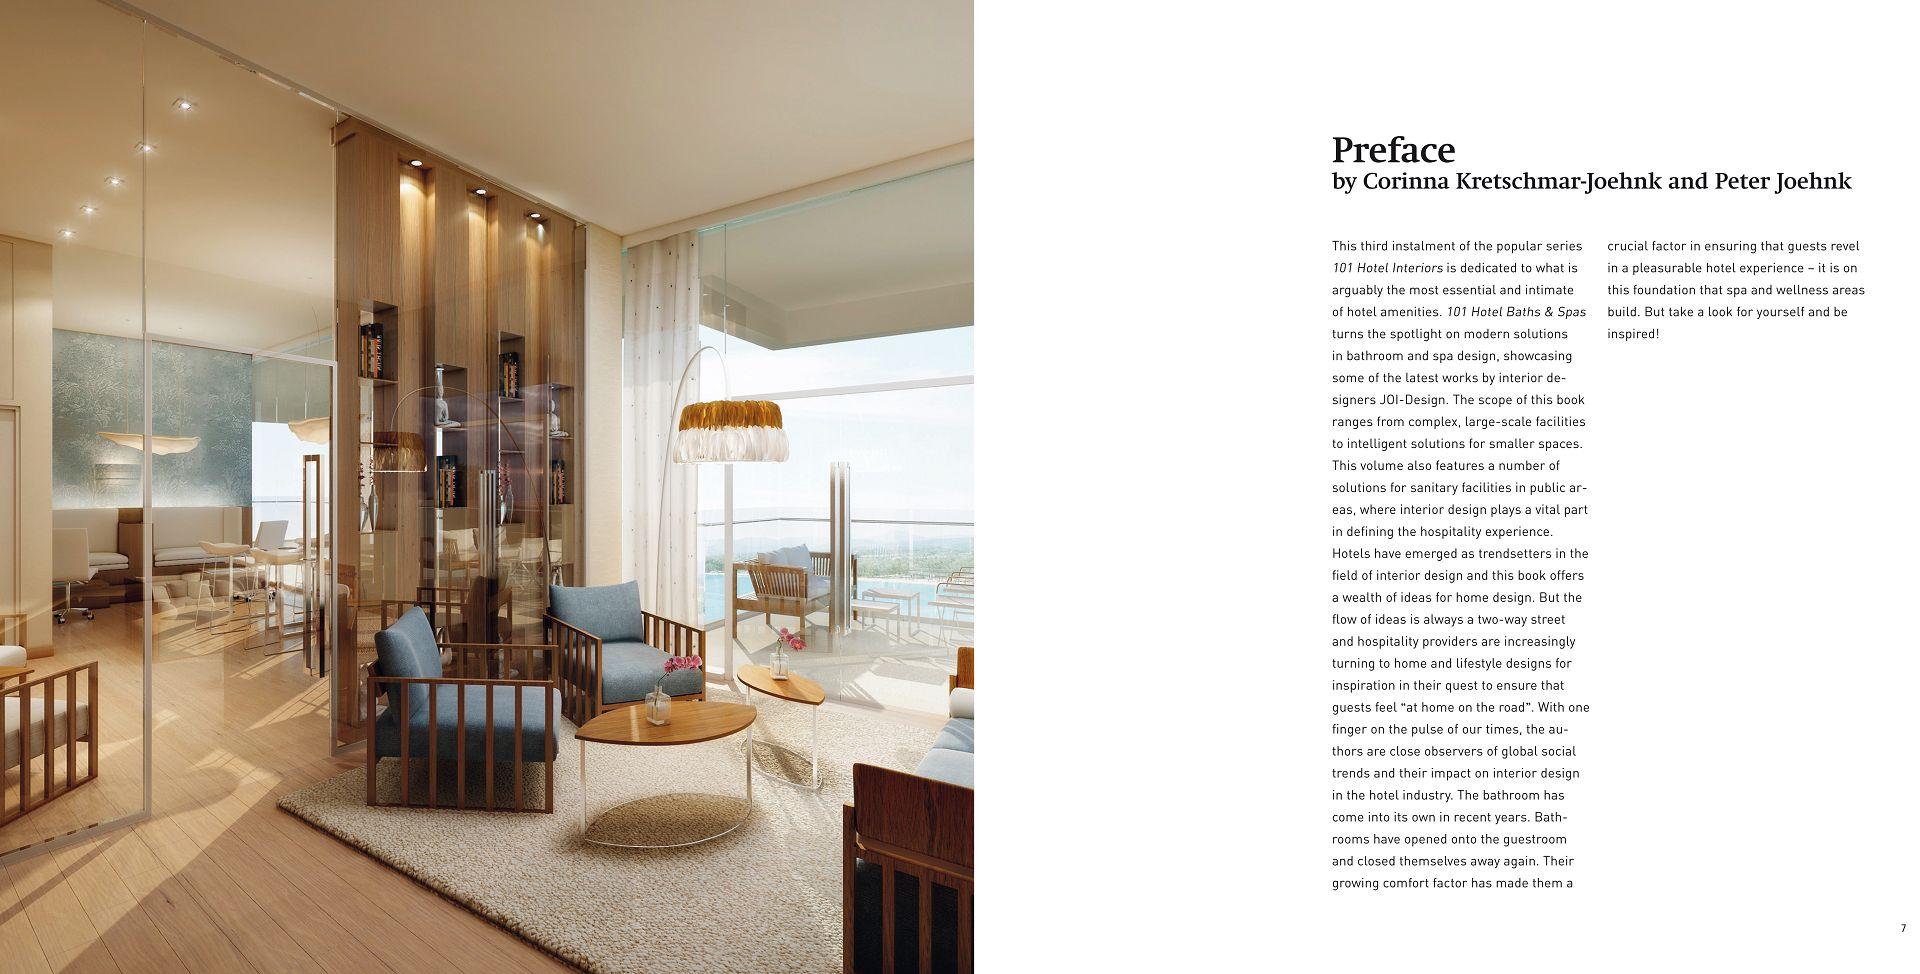 Books_101HotelBathsandSpas_Preface - JOI-Design | Innenarchitektur ...